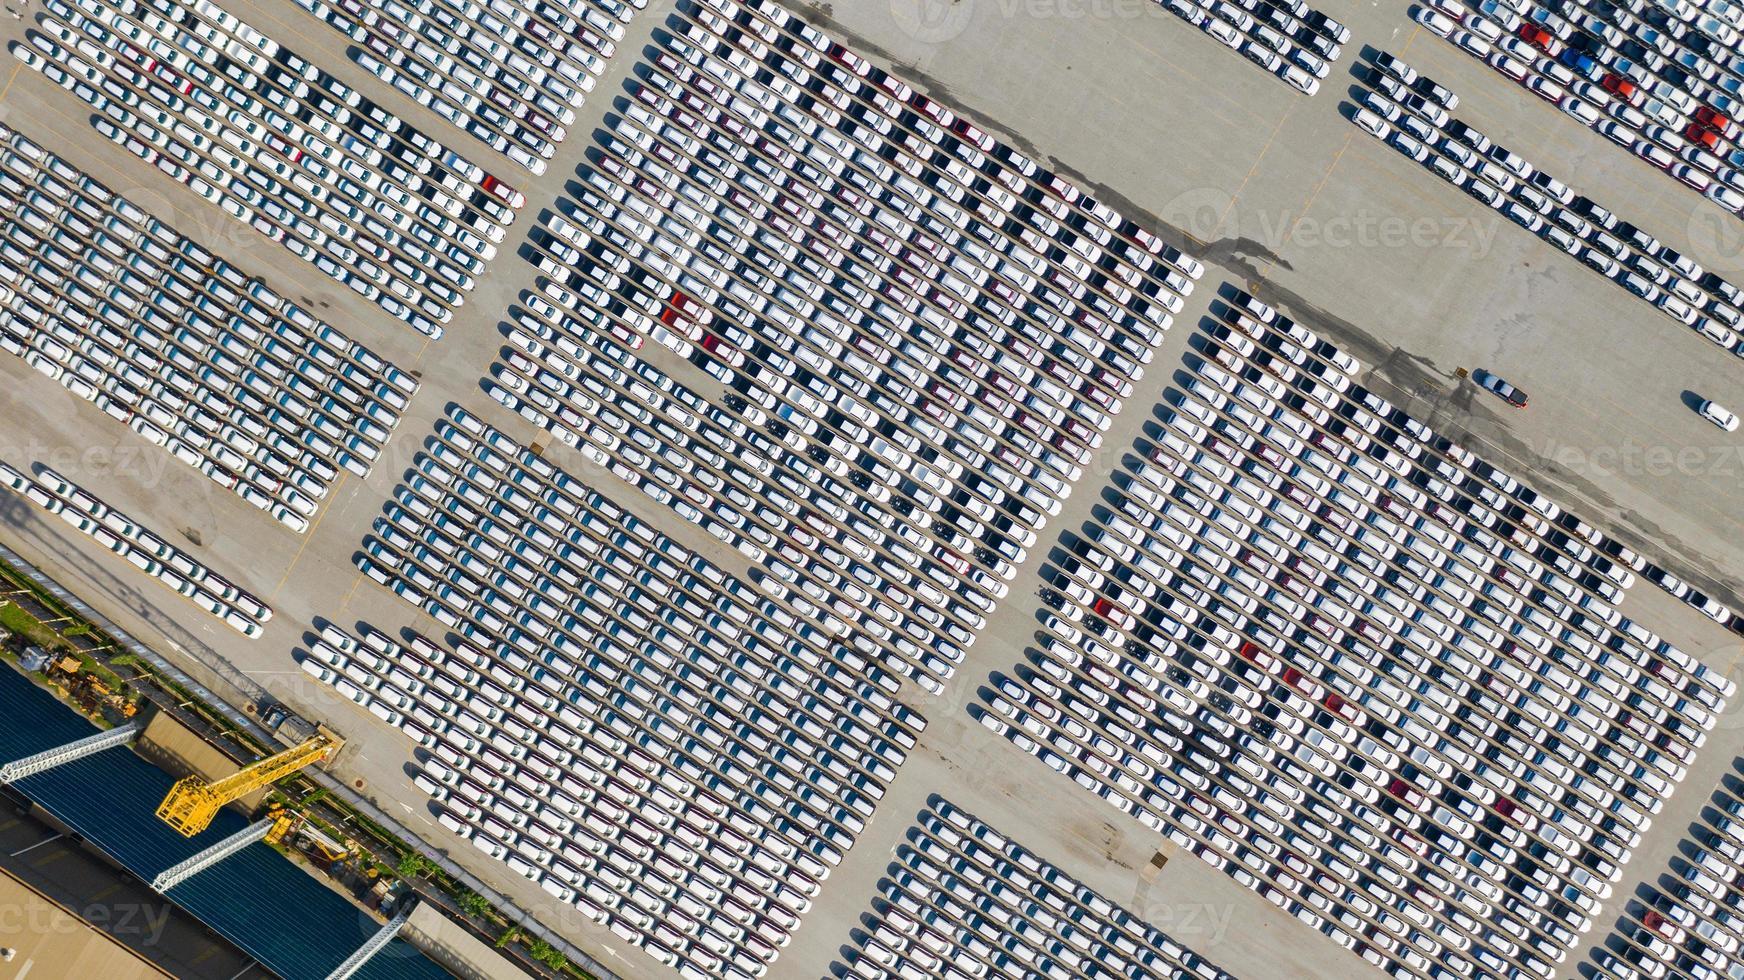 Vista aérea del estacionamiento para autos nuevos. foto